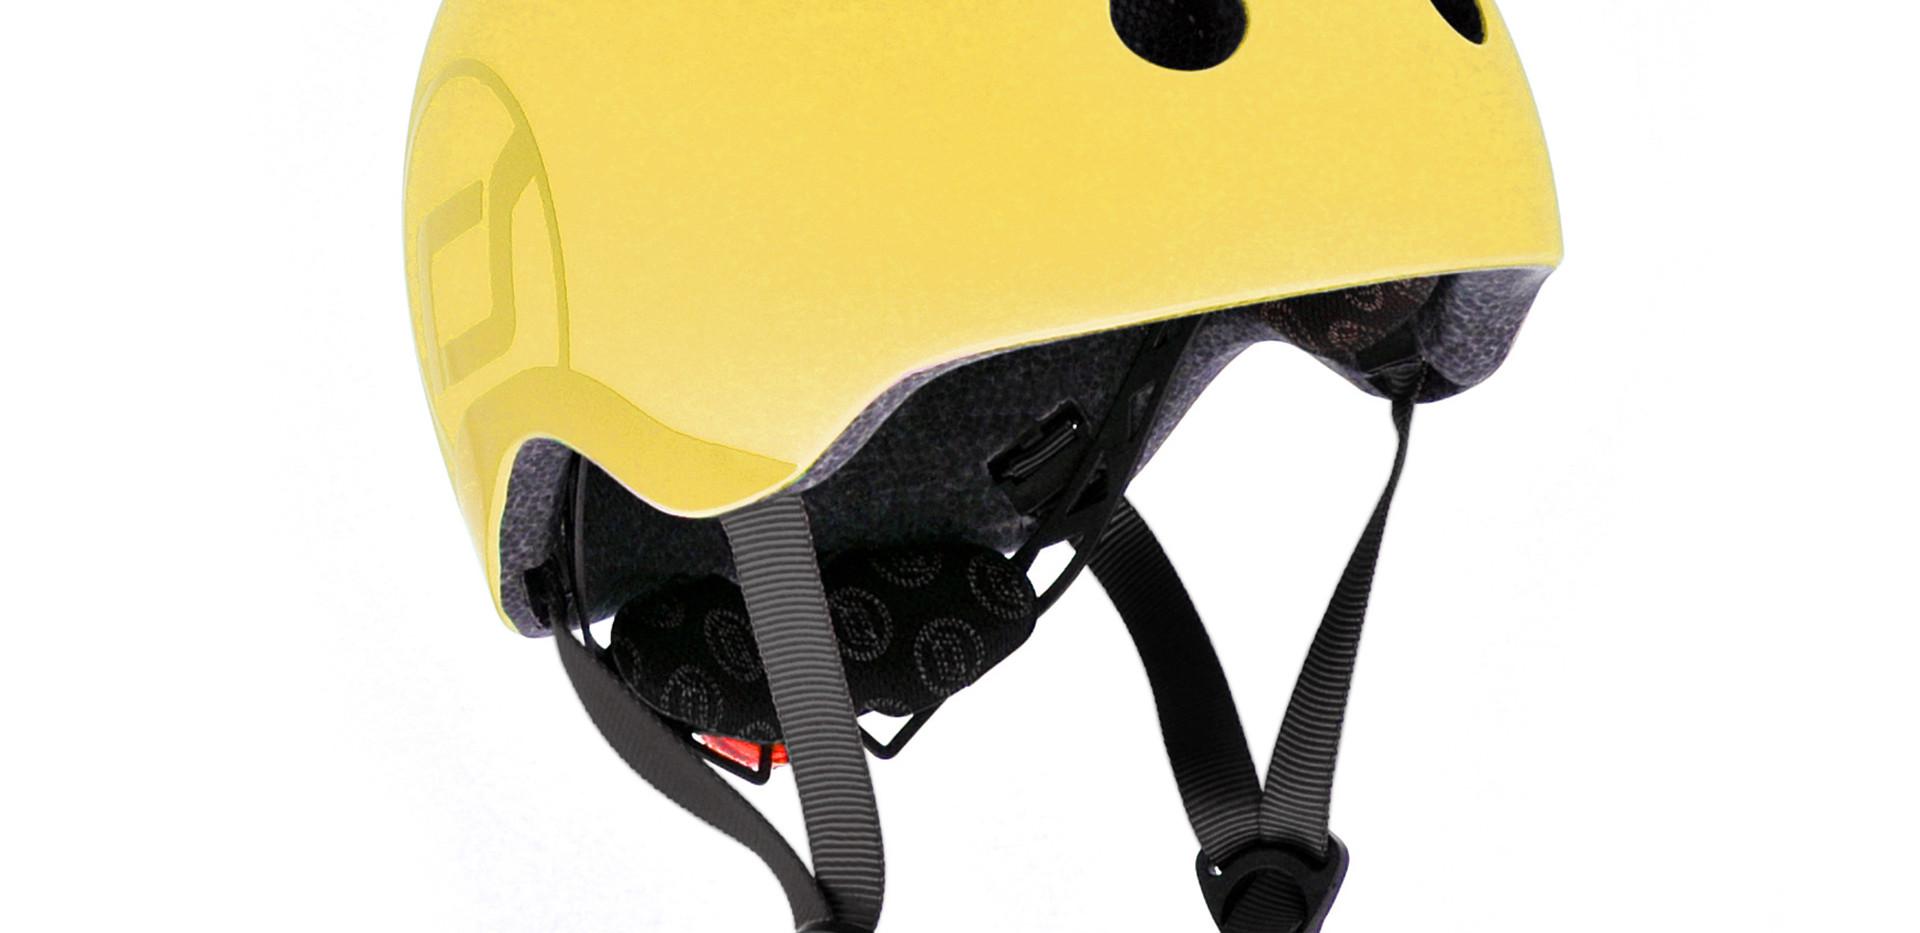 size_product_shoppicture_helmet_S_lemon_